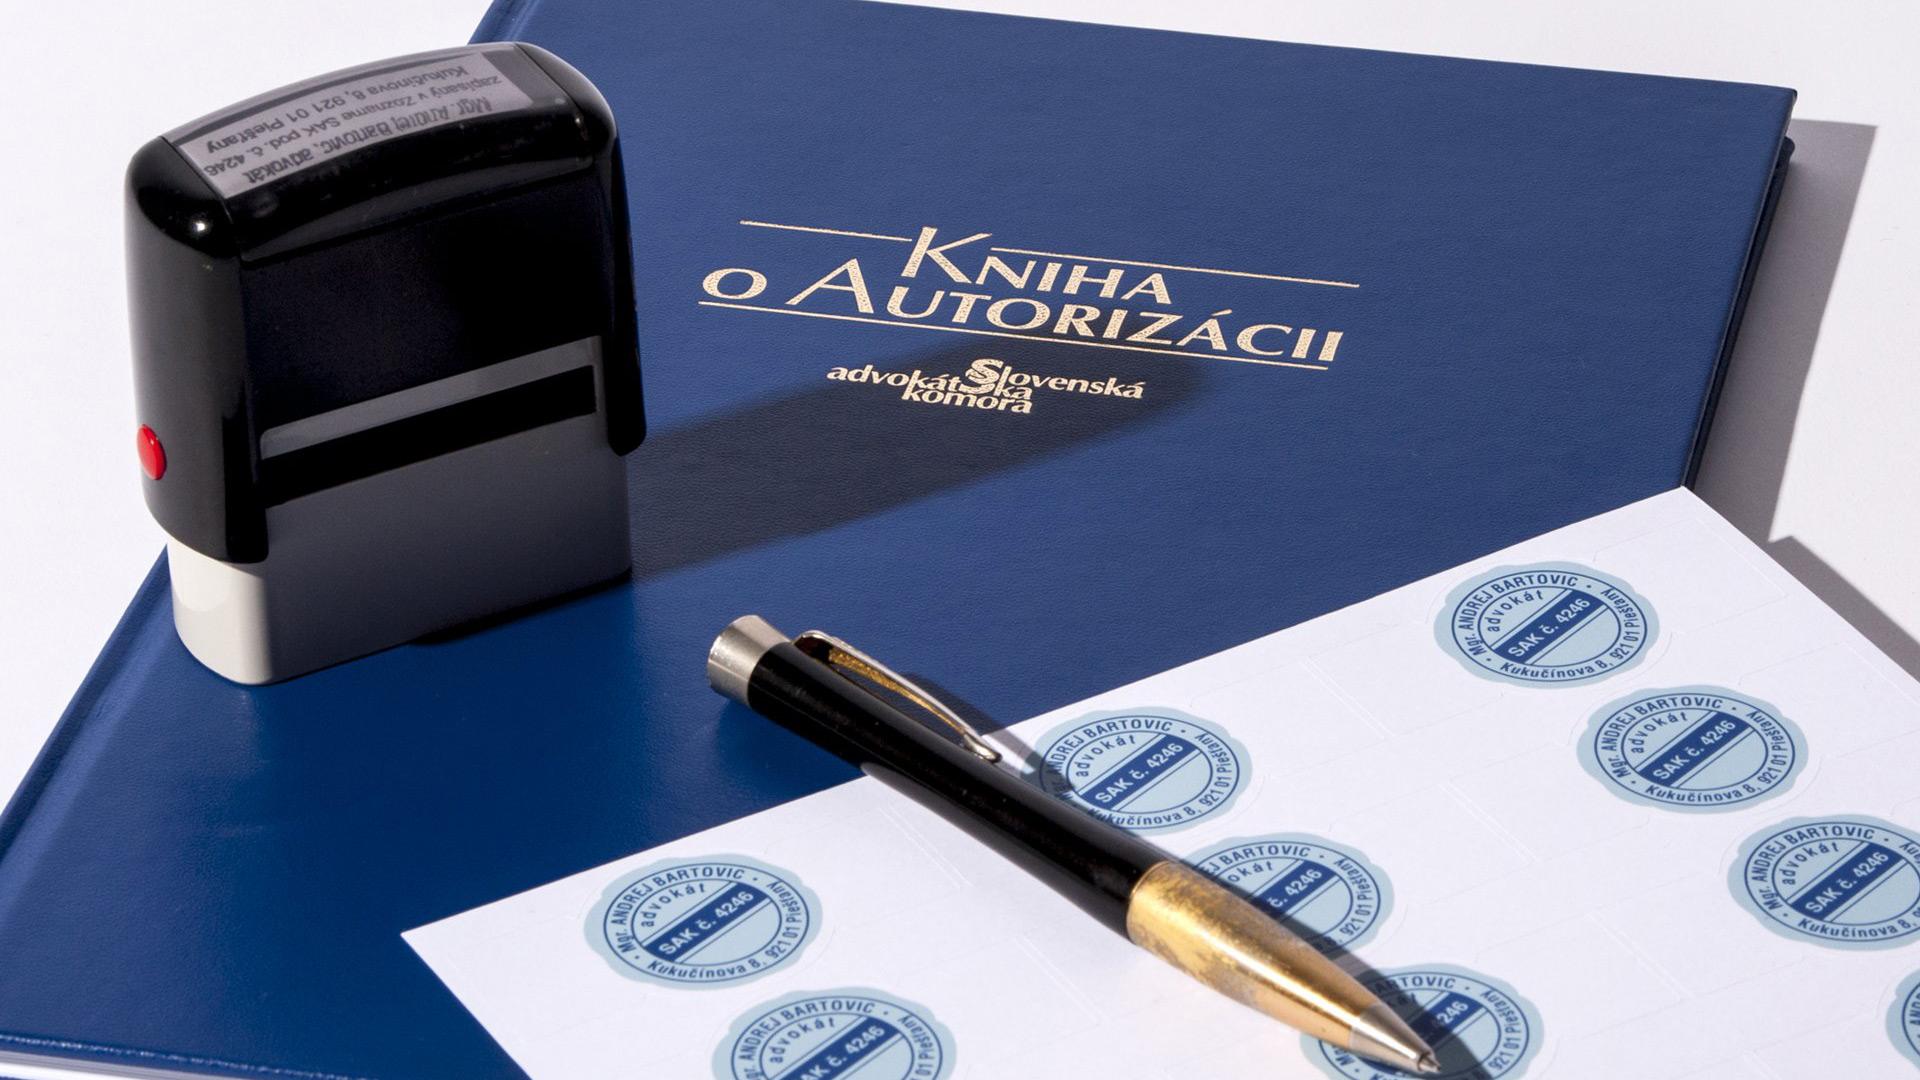 Význam advokátom autorizovaných zmlúv pre klientov, realitné kancelárie a maklérov